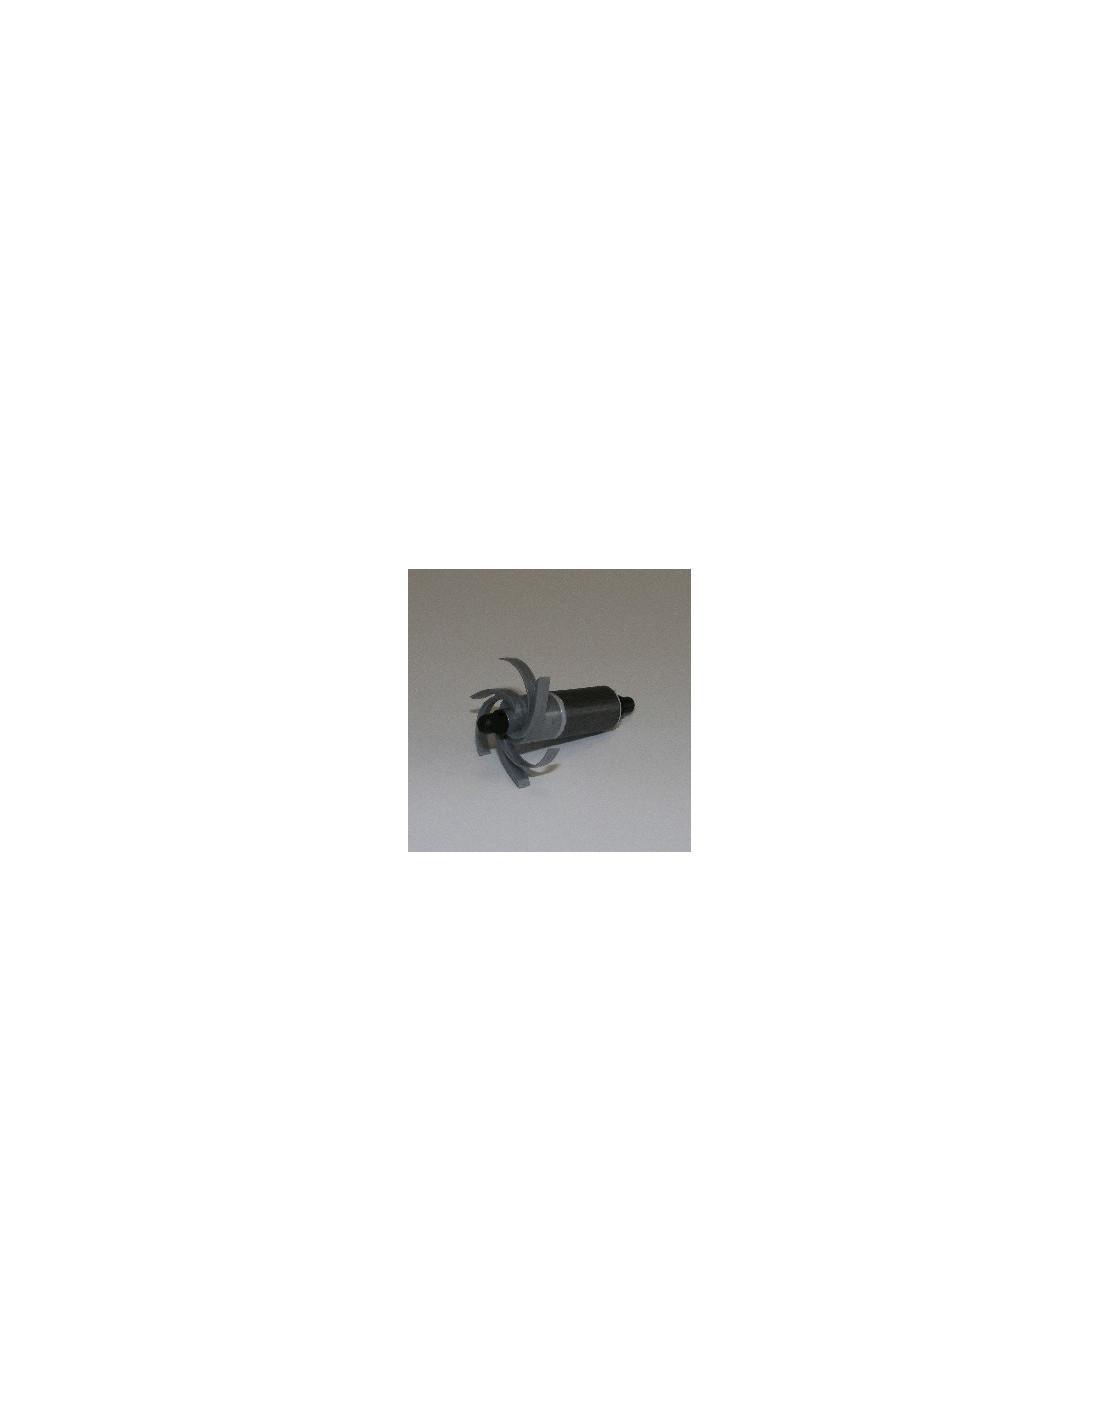 2 - Rotor Aquarius Universal 1000 Oase